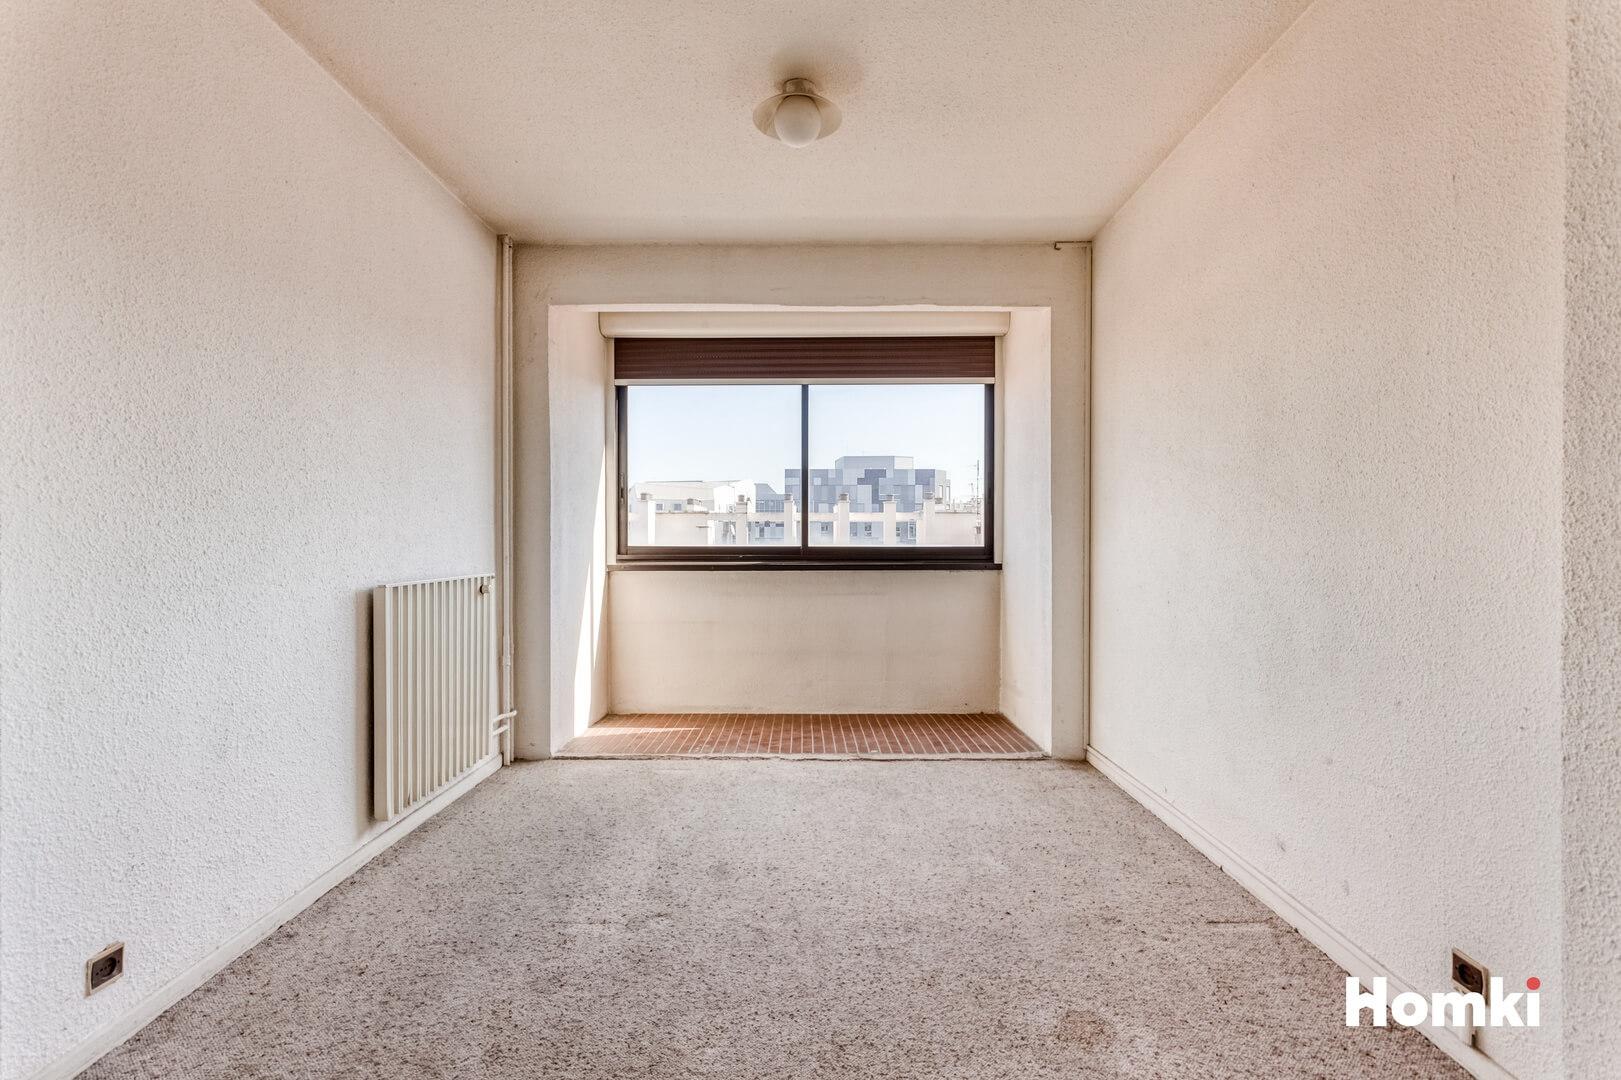 Homki - Vente Appartement  de 75.0 m² à Marseille 13002